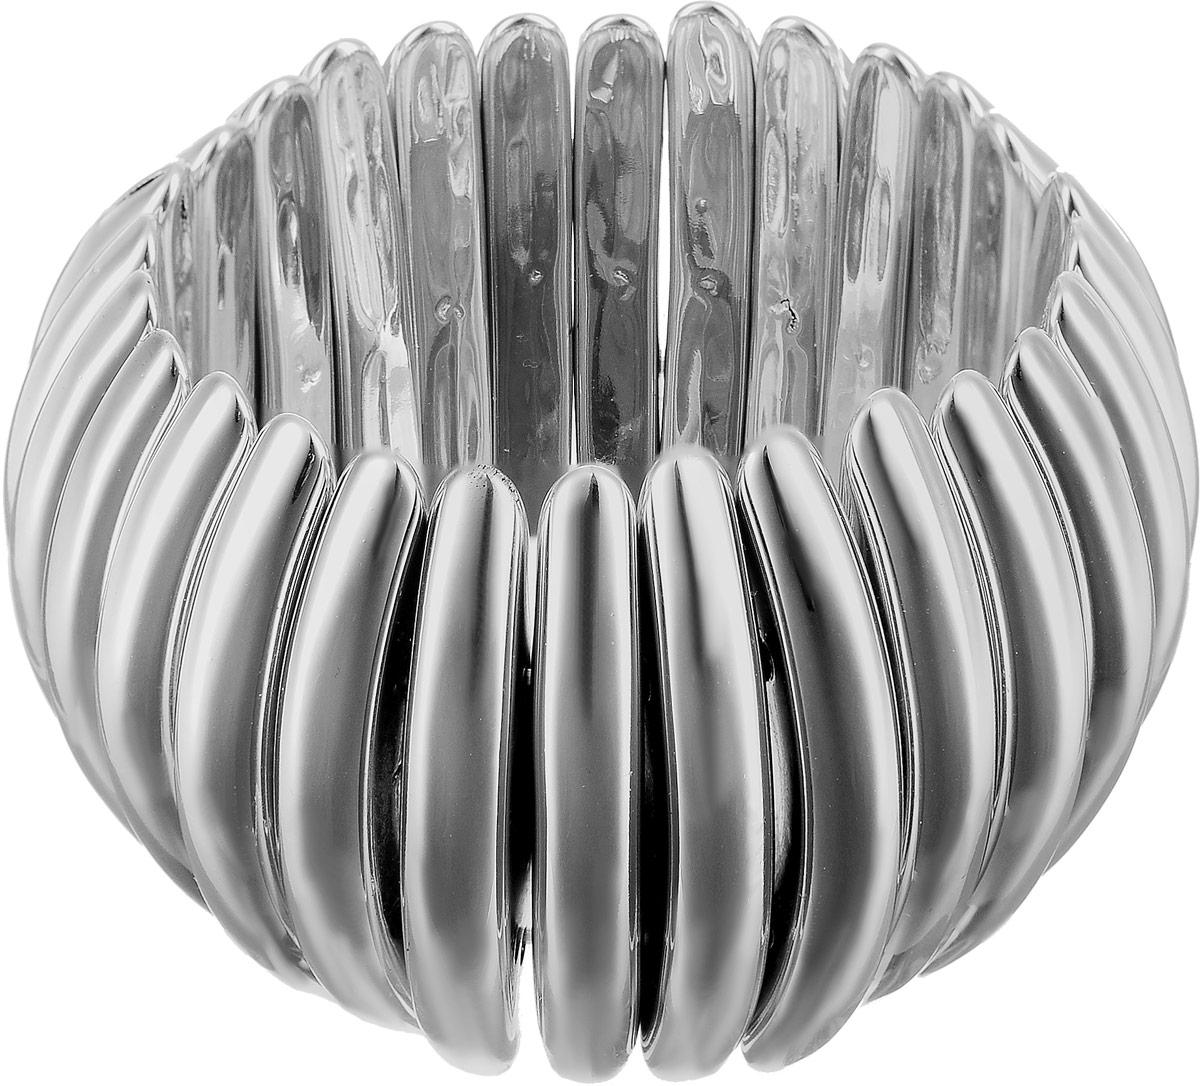 Браслет женский Art-Silver, цвет: серебряный. 14240-568Глидерный браслетБраслет Art-Silver выполнен из бижутерного сплава и полимера. Модель на эластичной резинке.